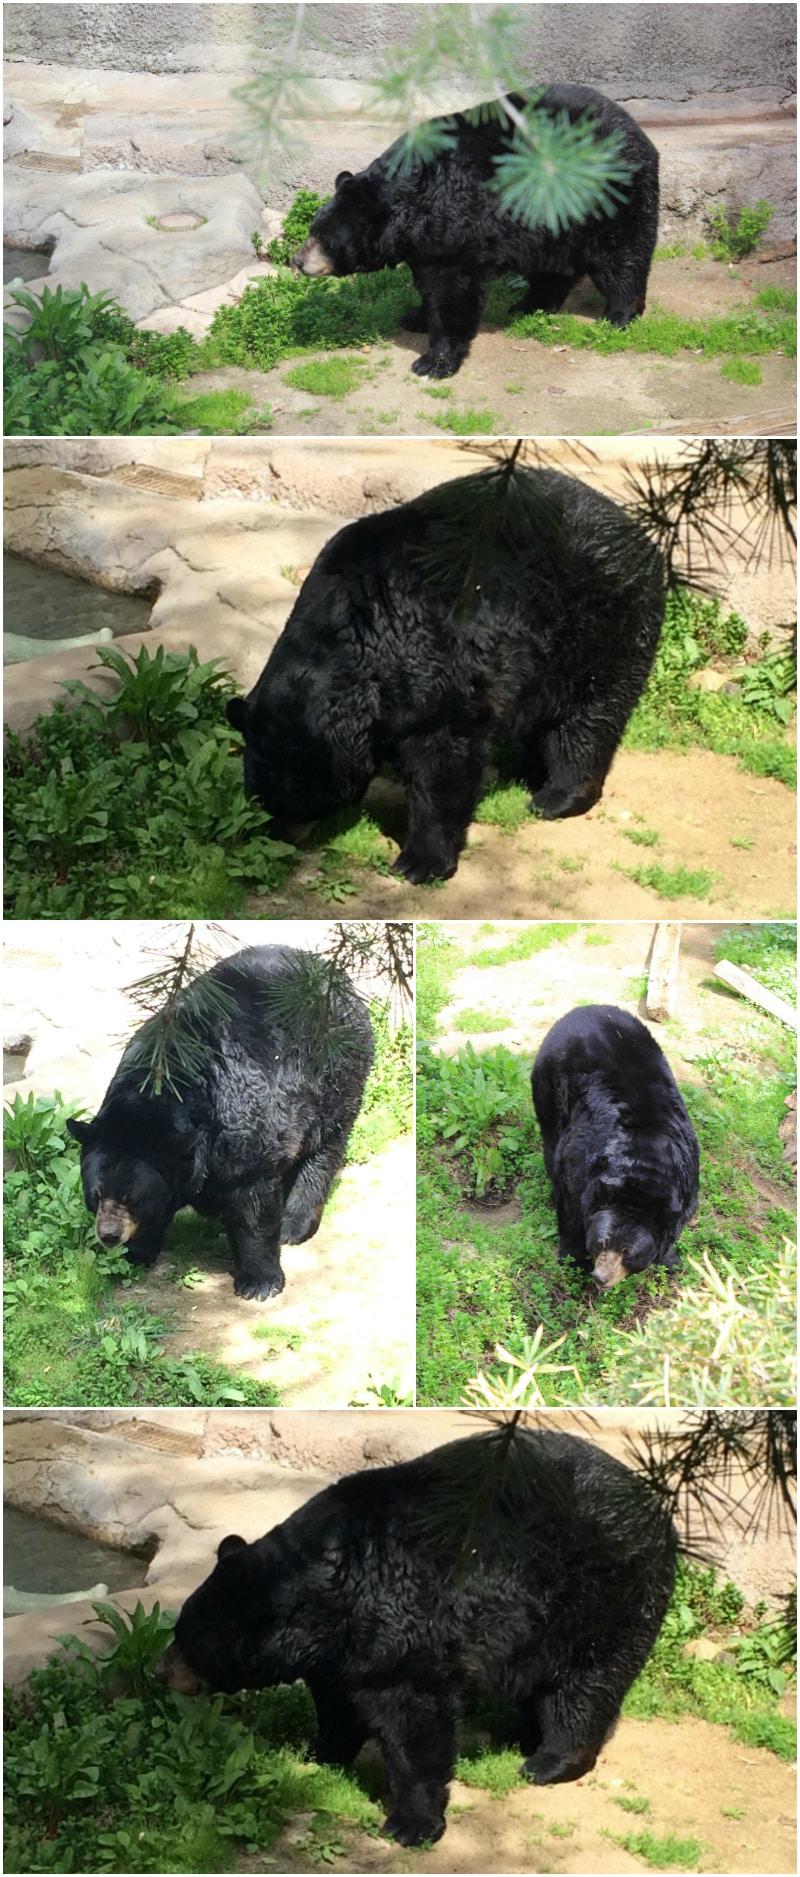 bear-la-zoo